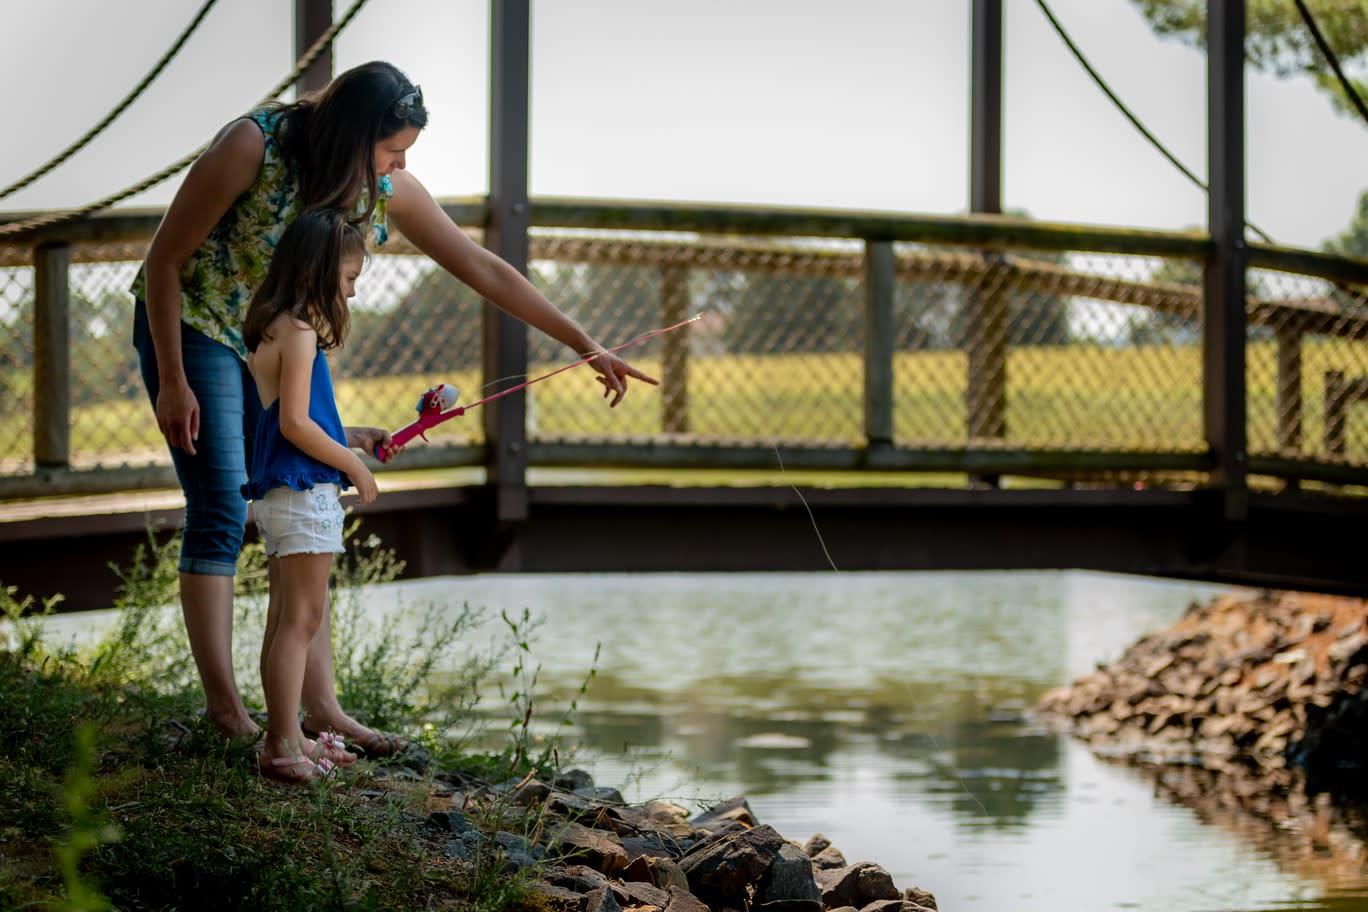 Fishing at Lake Tobias